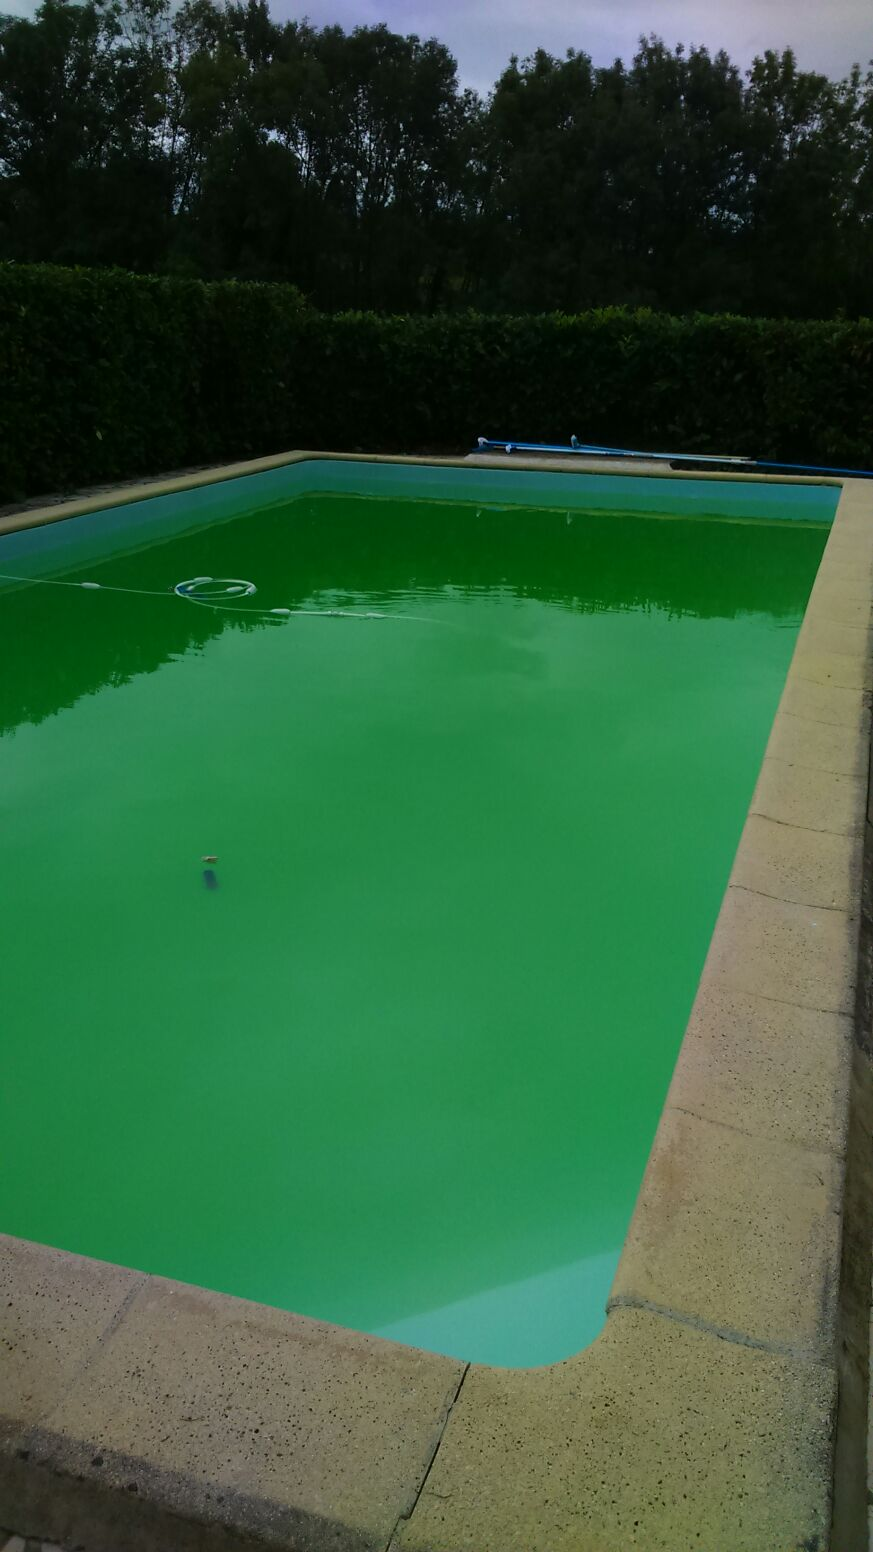 Piscine verte suite aux intemp ries locataire de airbnb community - Ma piscine est verte ...